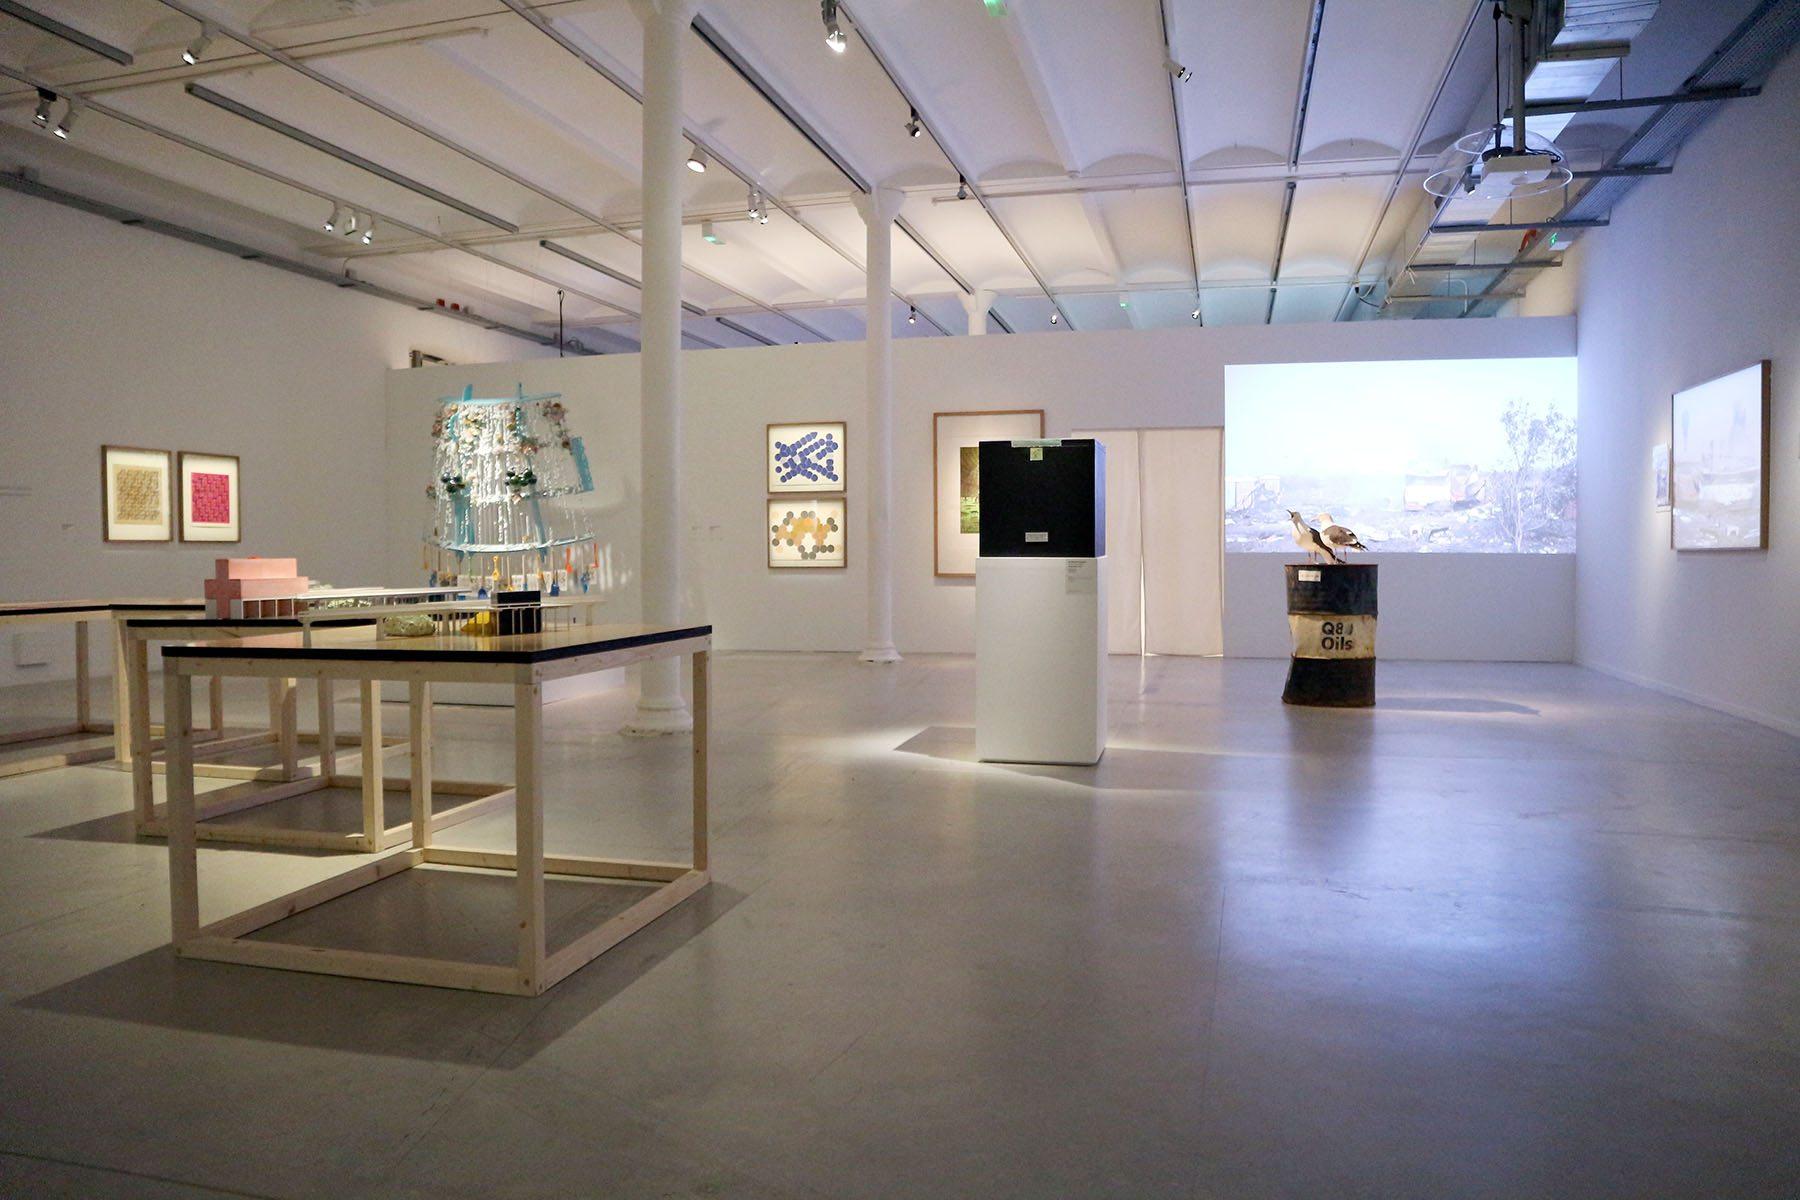 FRAC Centre-Val de Loire. Die Kuratoren begreifen ihre Biennale als Ort des Zweifelns, als einen Ort, an dem Unterschiedliches, scheinbar Widersprüchliches und sich Widerstrebendes miteinander in Kontakt treten.